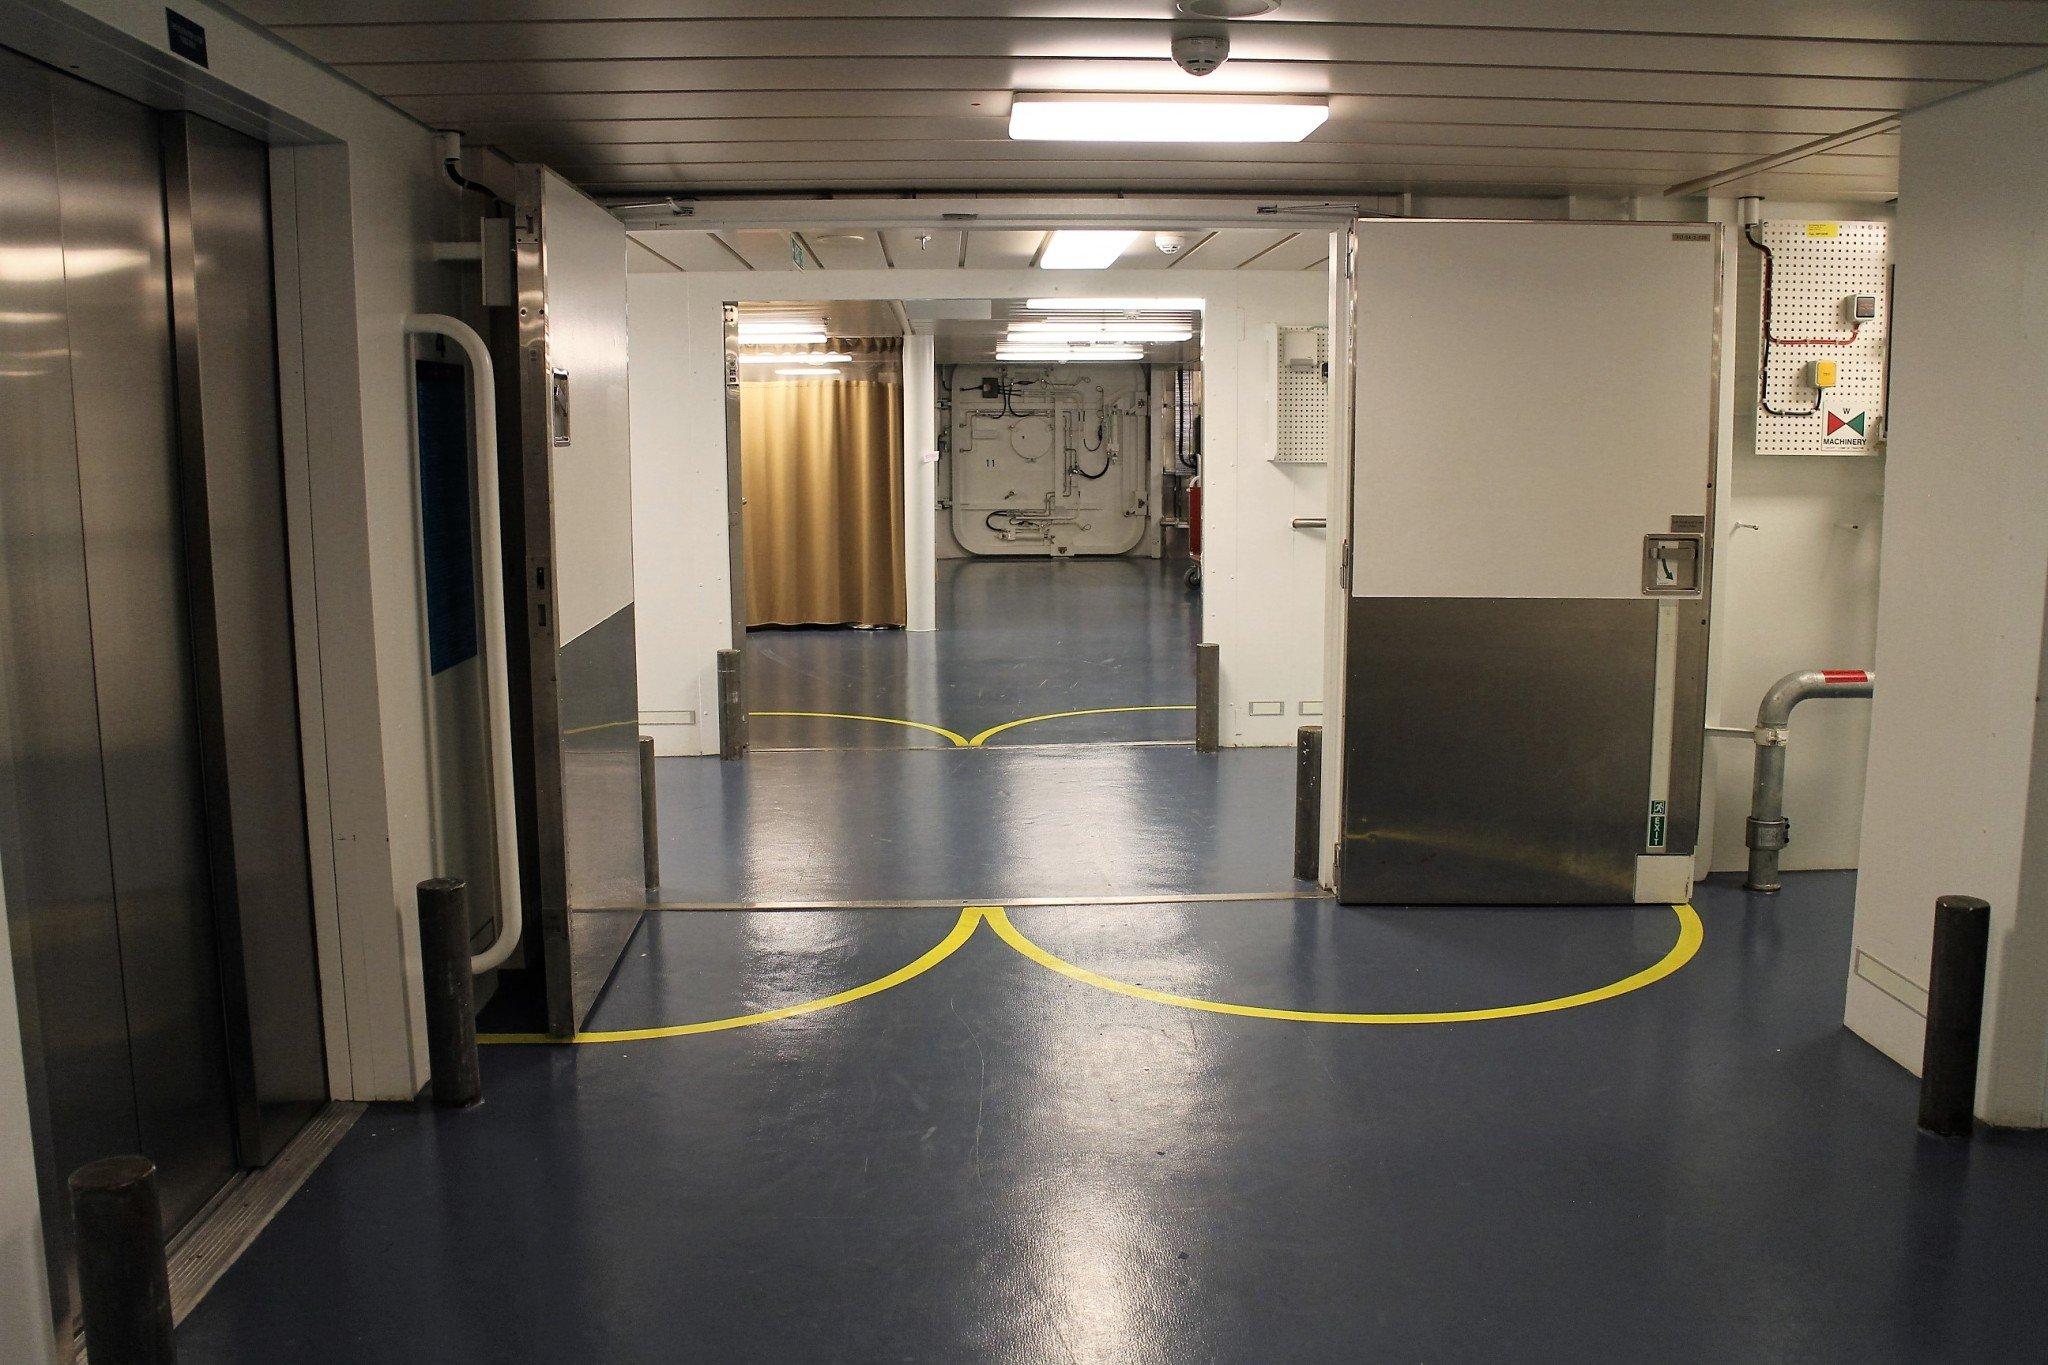 Norwegian Escape Staff staircase